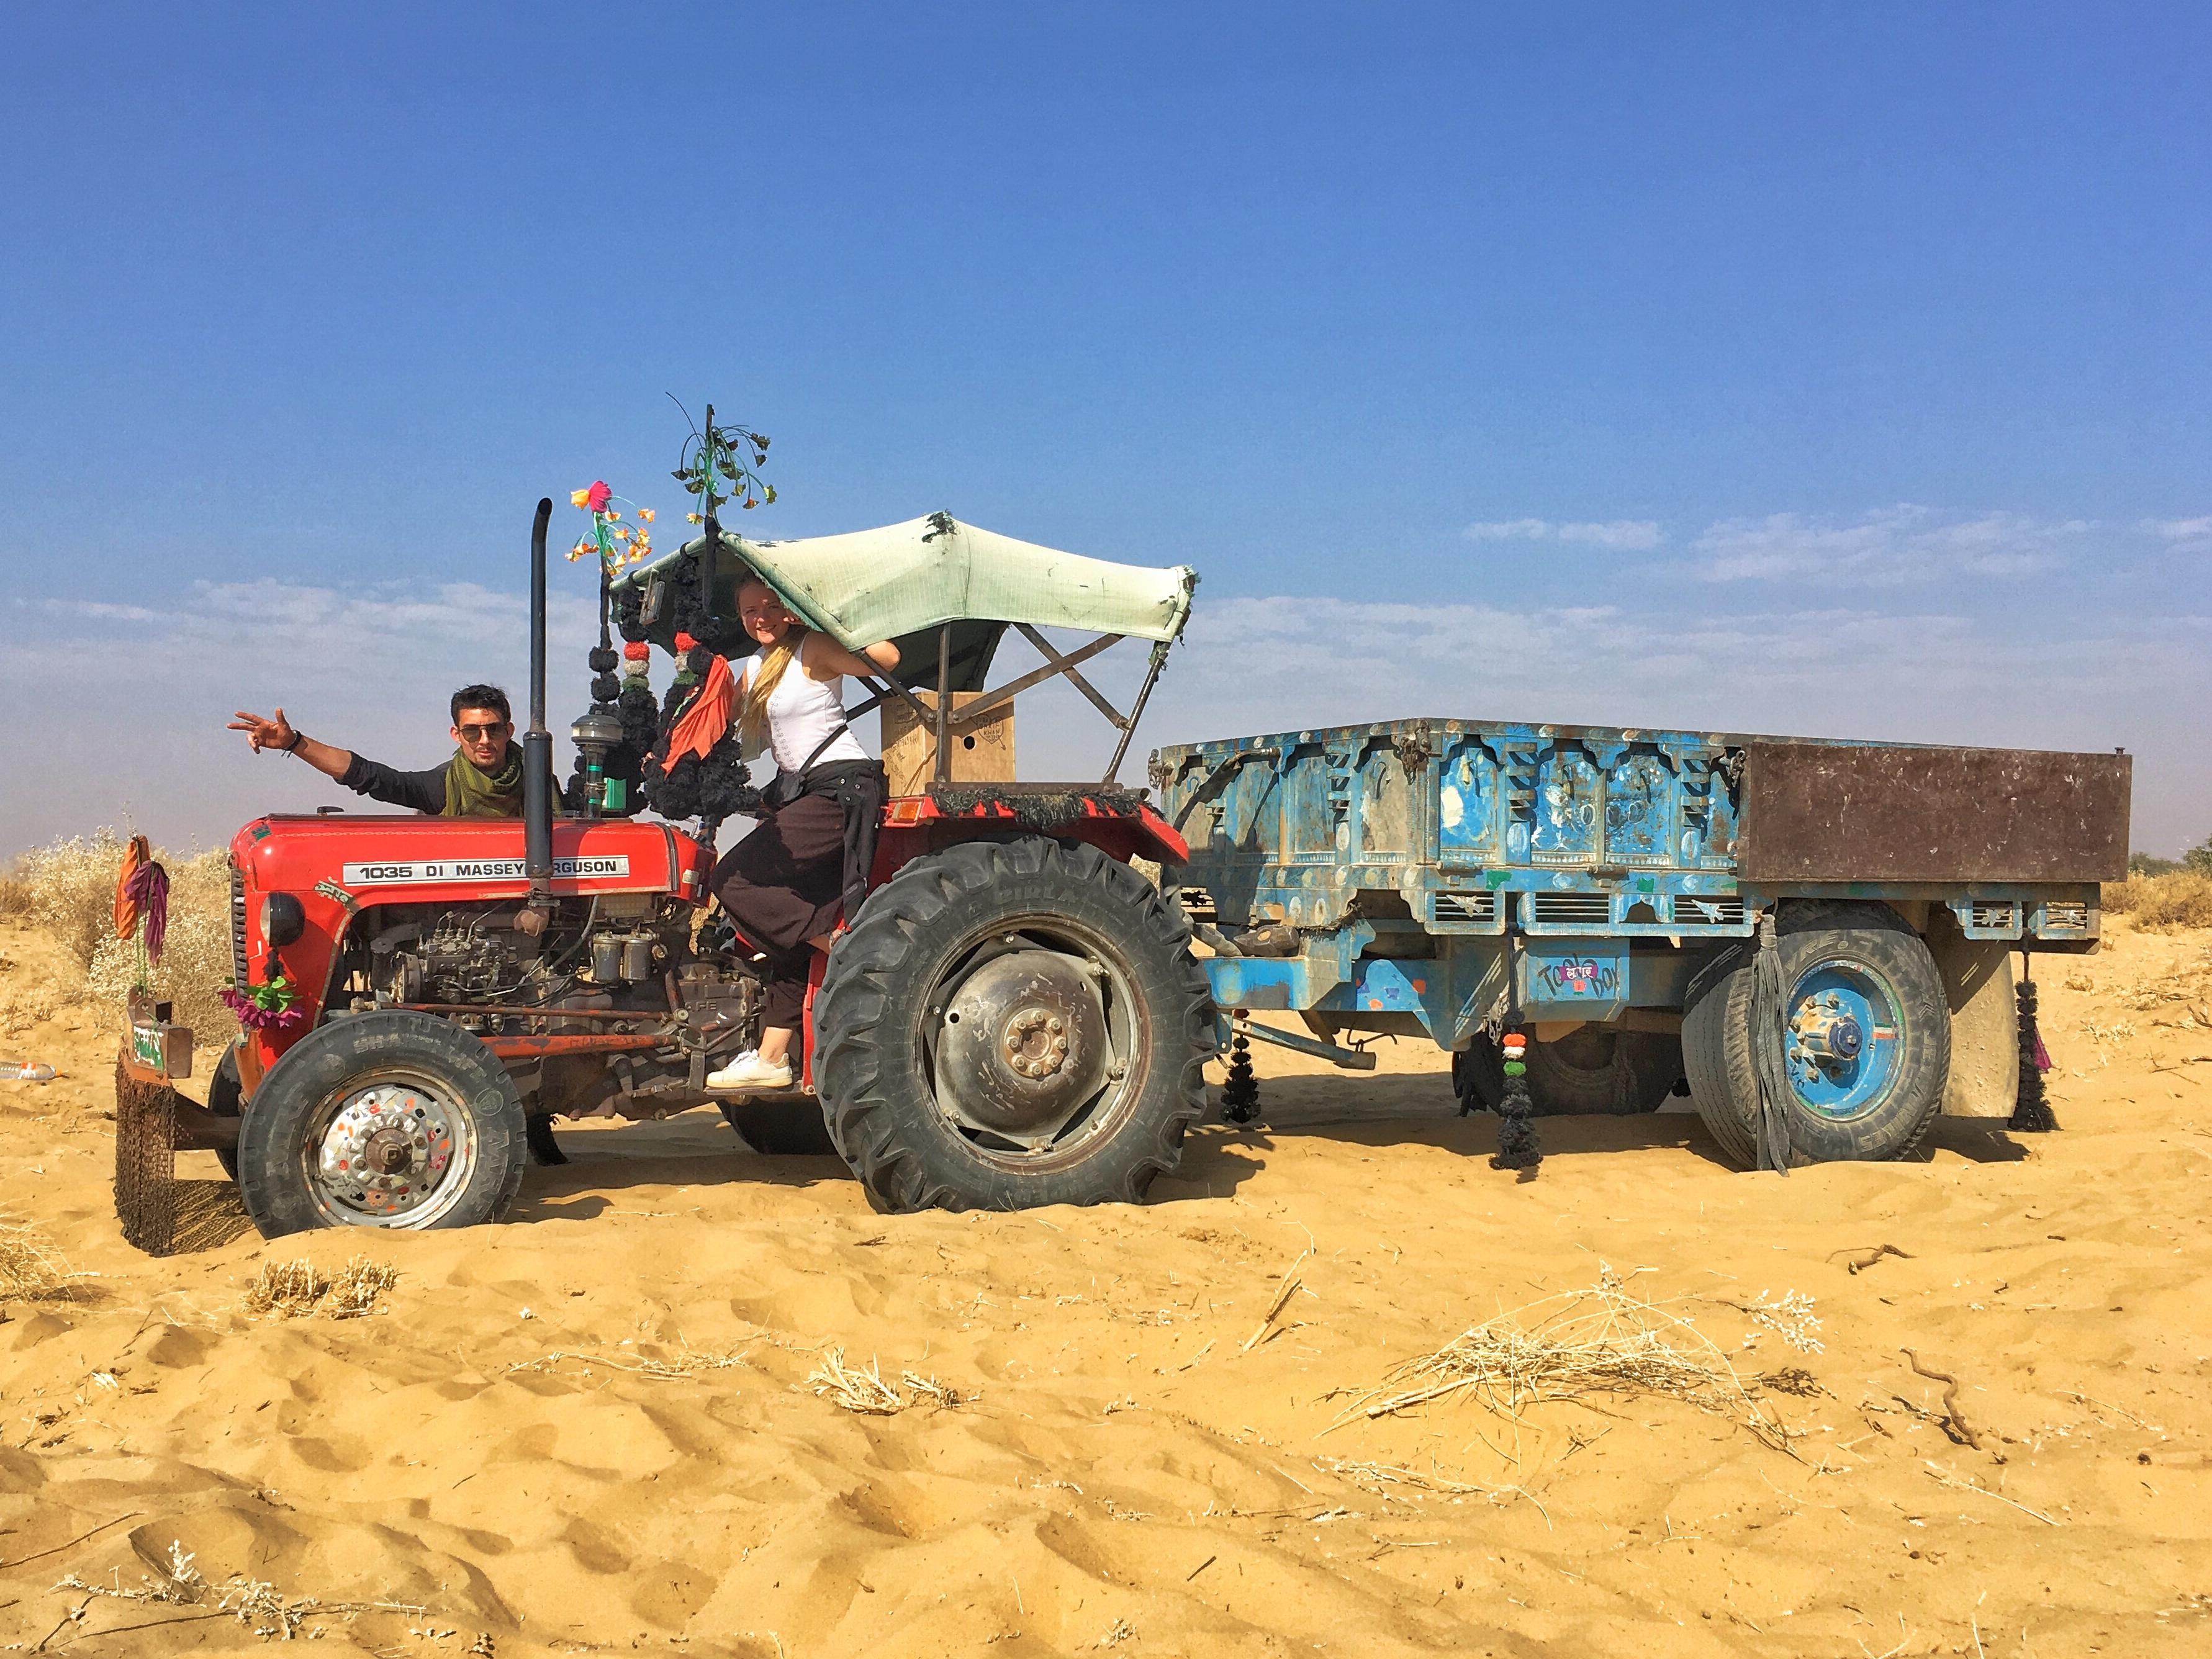 Tracteur dans le sable en Inde